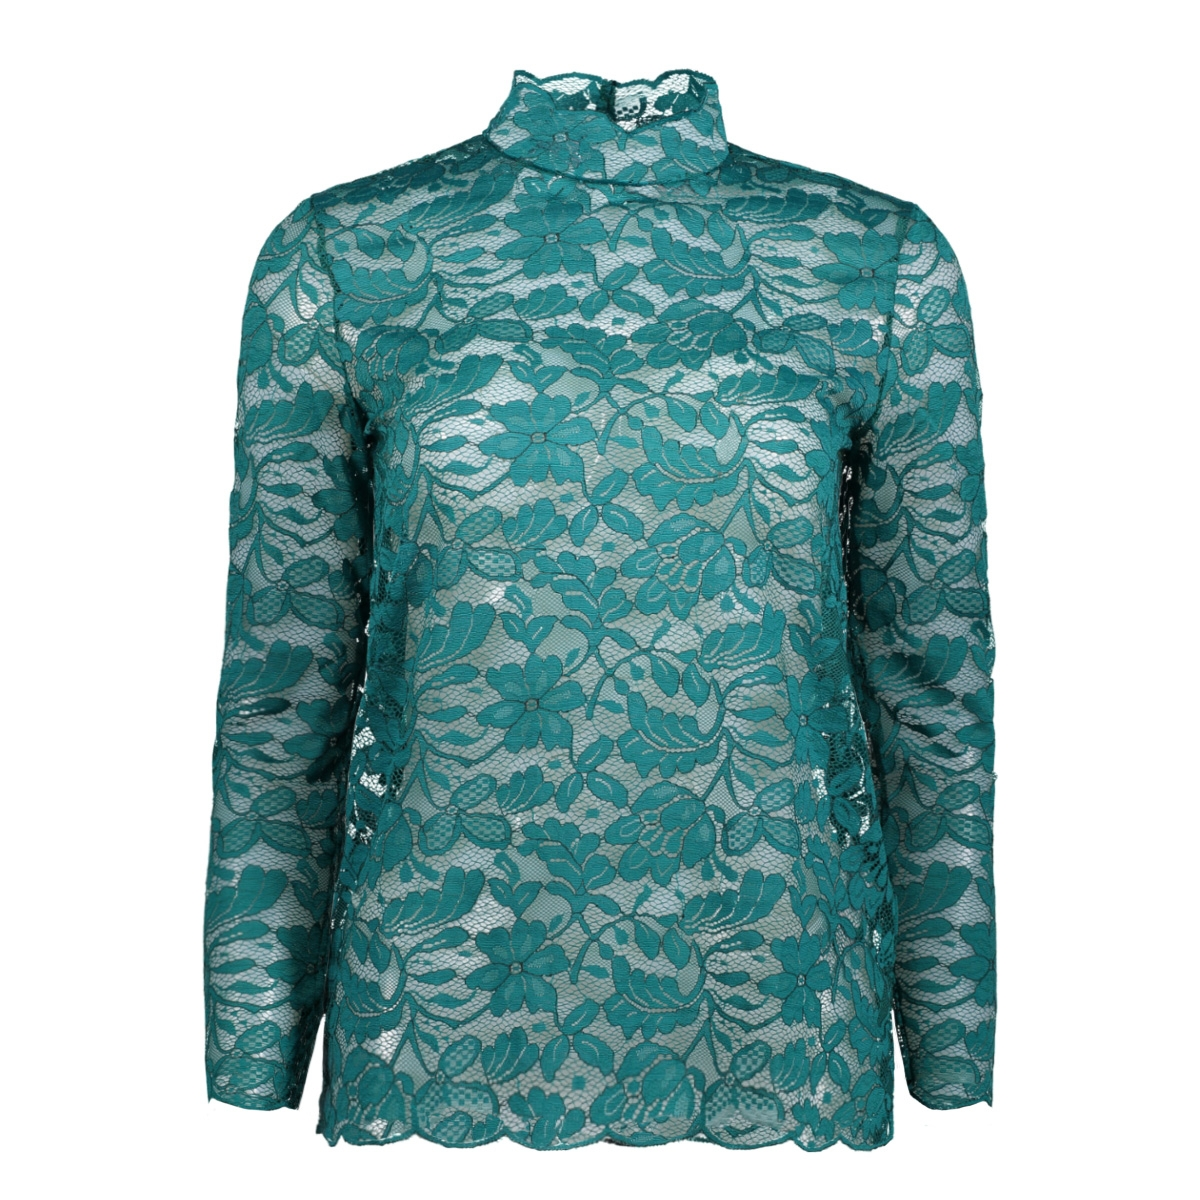 jdygoldie l/s highneck top jrs ka 15141725 jacqueline de yong t-shirt storm